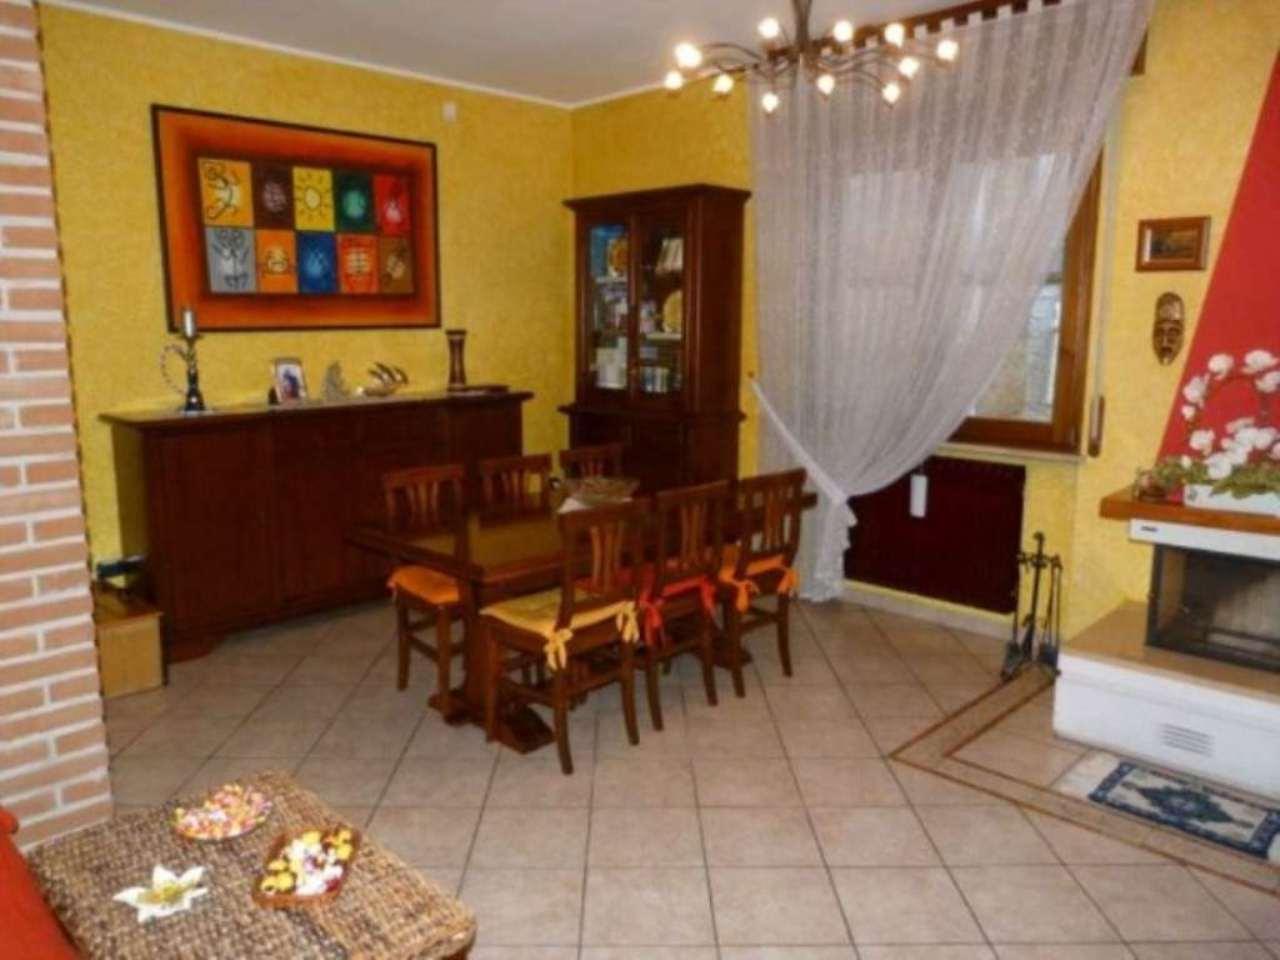 Soluzione Indipendente in vendita a Mozzanica, 4 locali, prezzo € 139.000 | CambioCasa.it